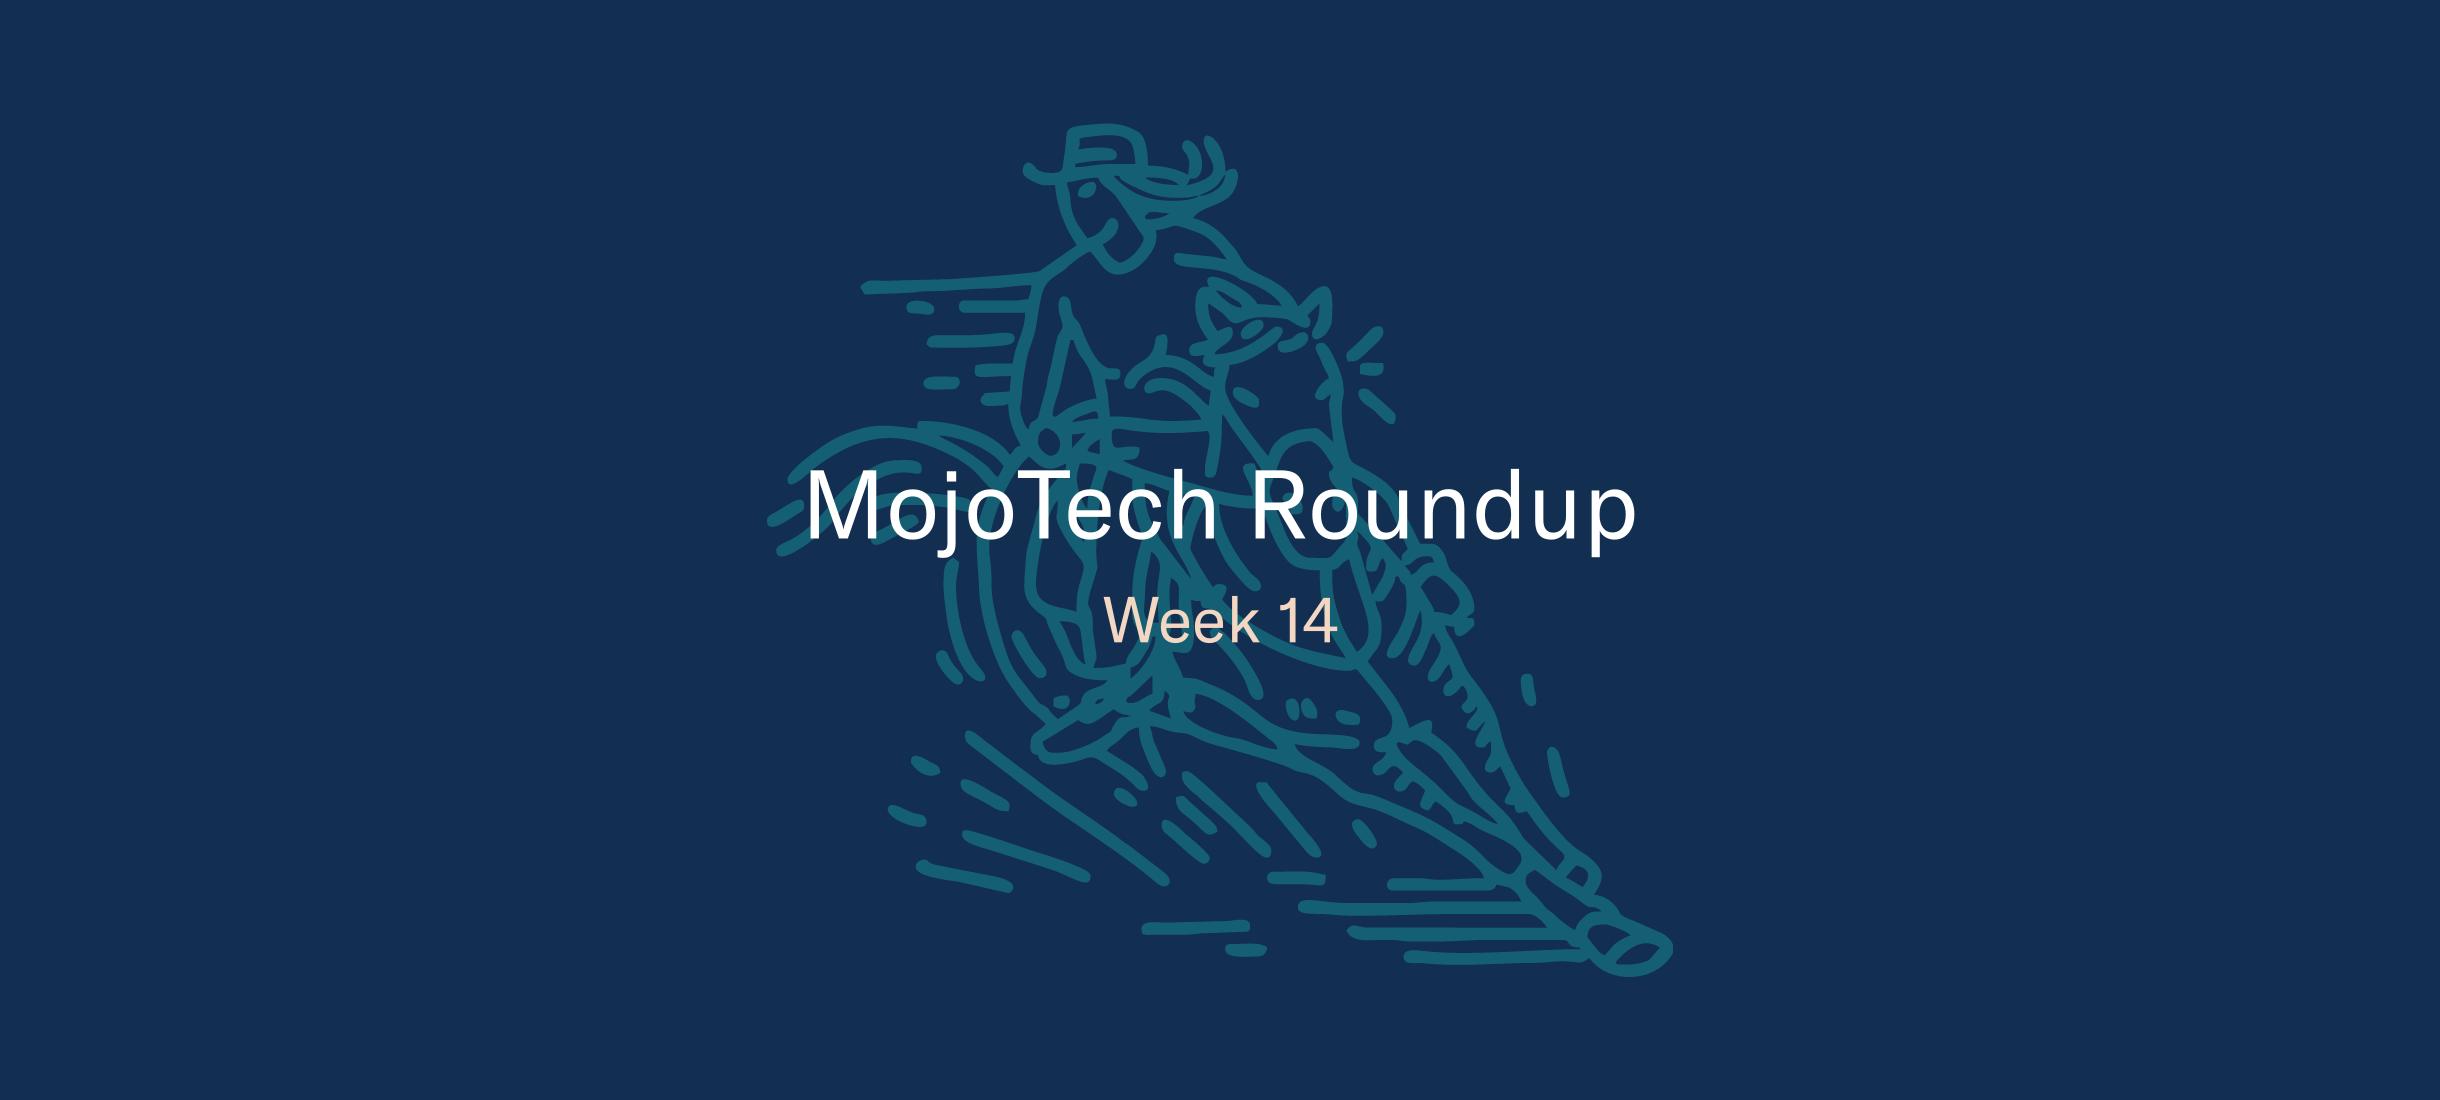 MojoTech Roundup week 14